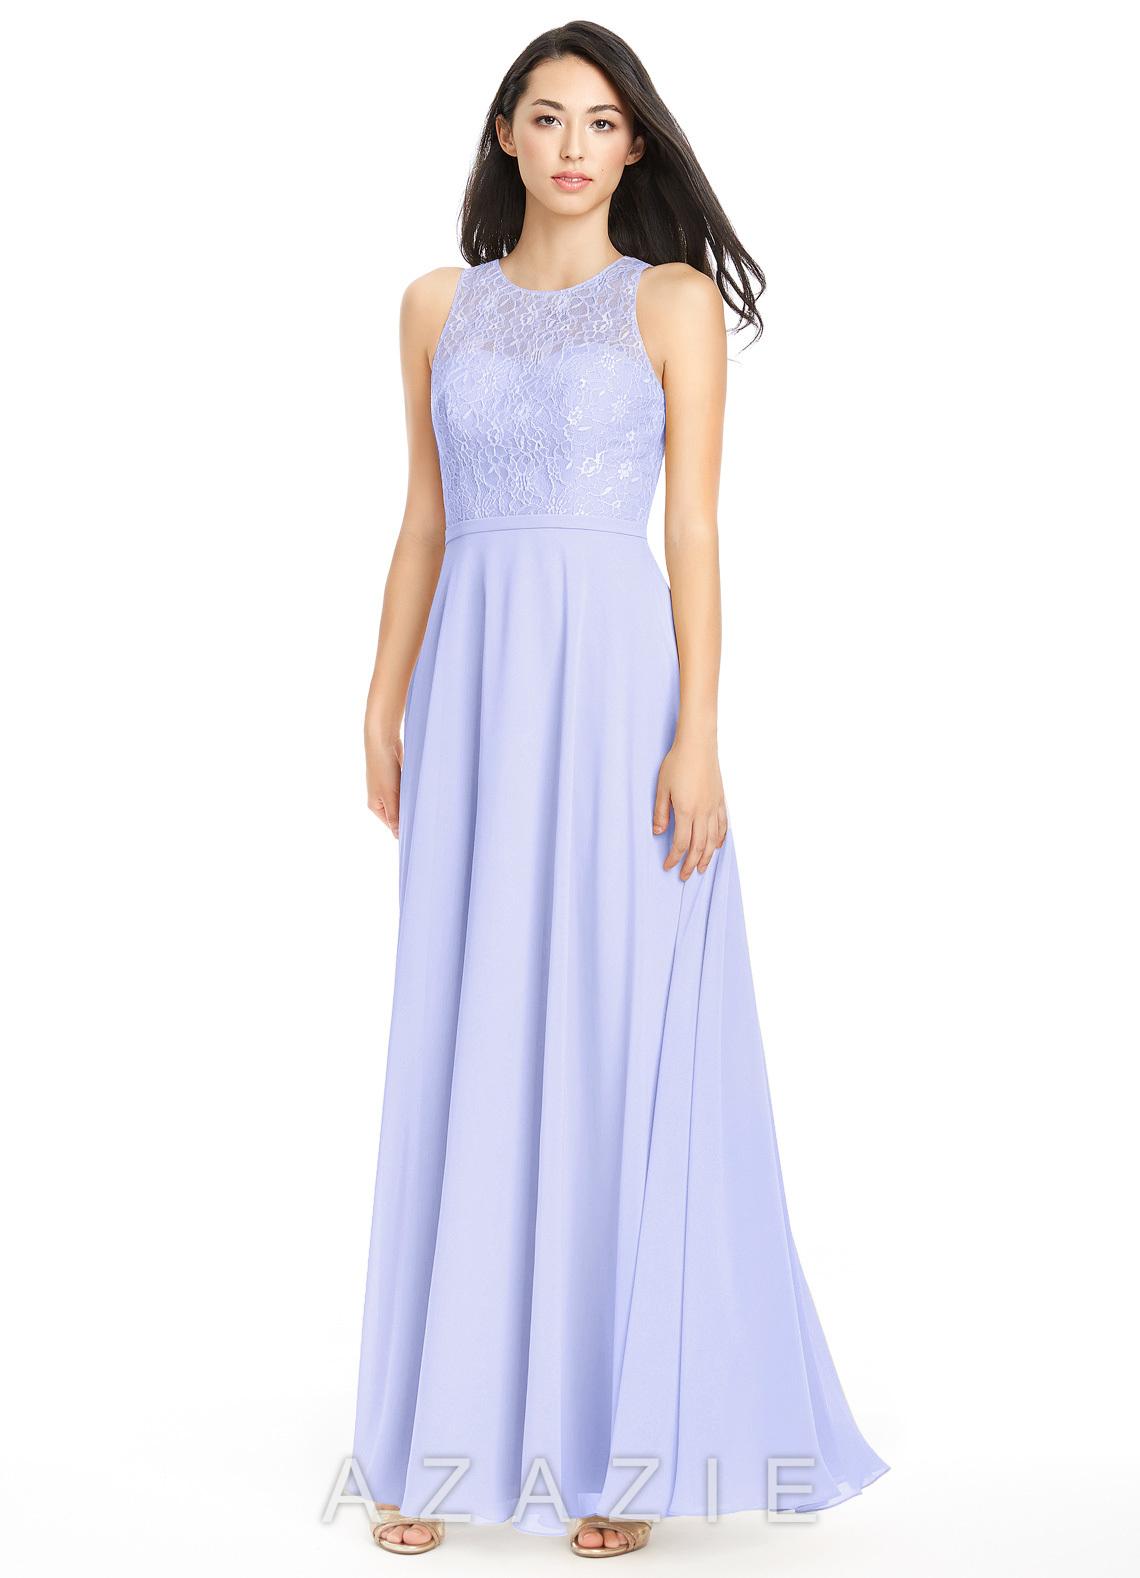 Azazie Frederica Bridesmaid Dress | Azazie - photo #2